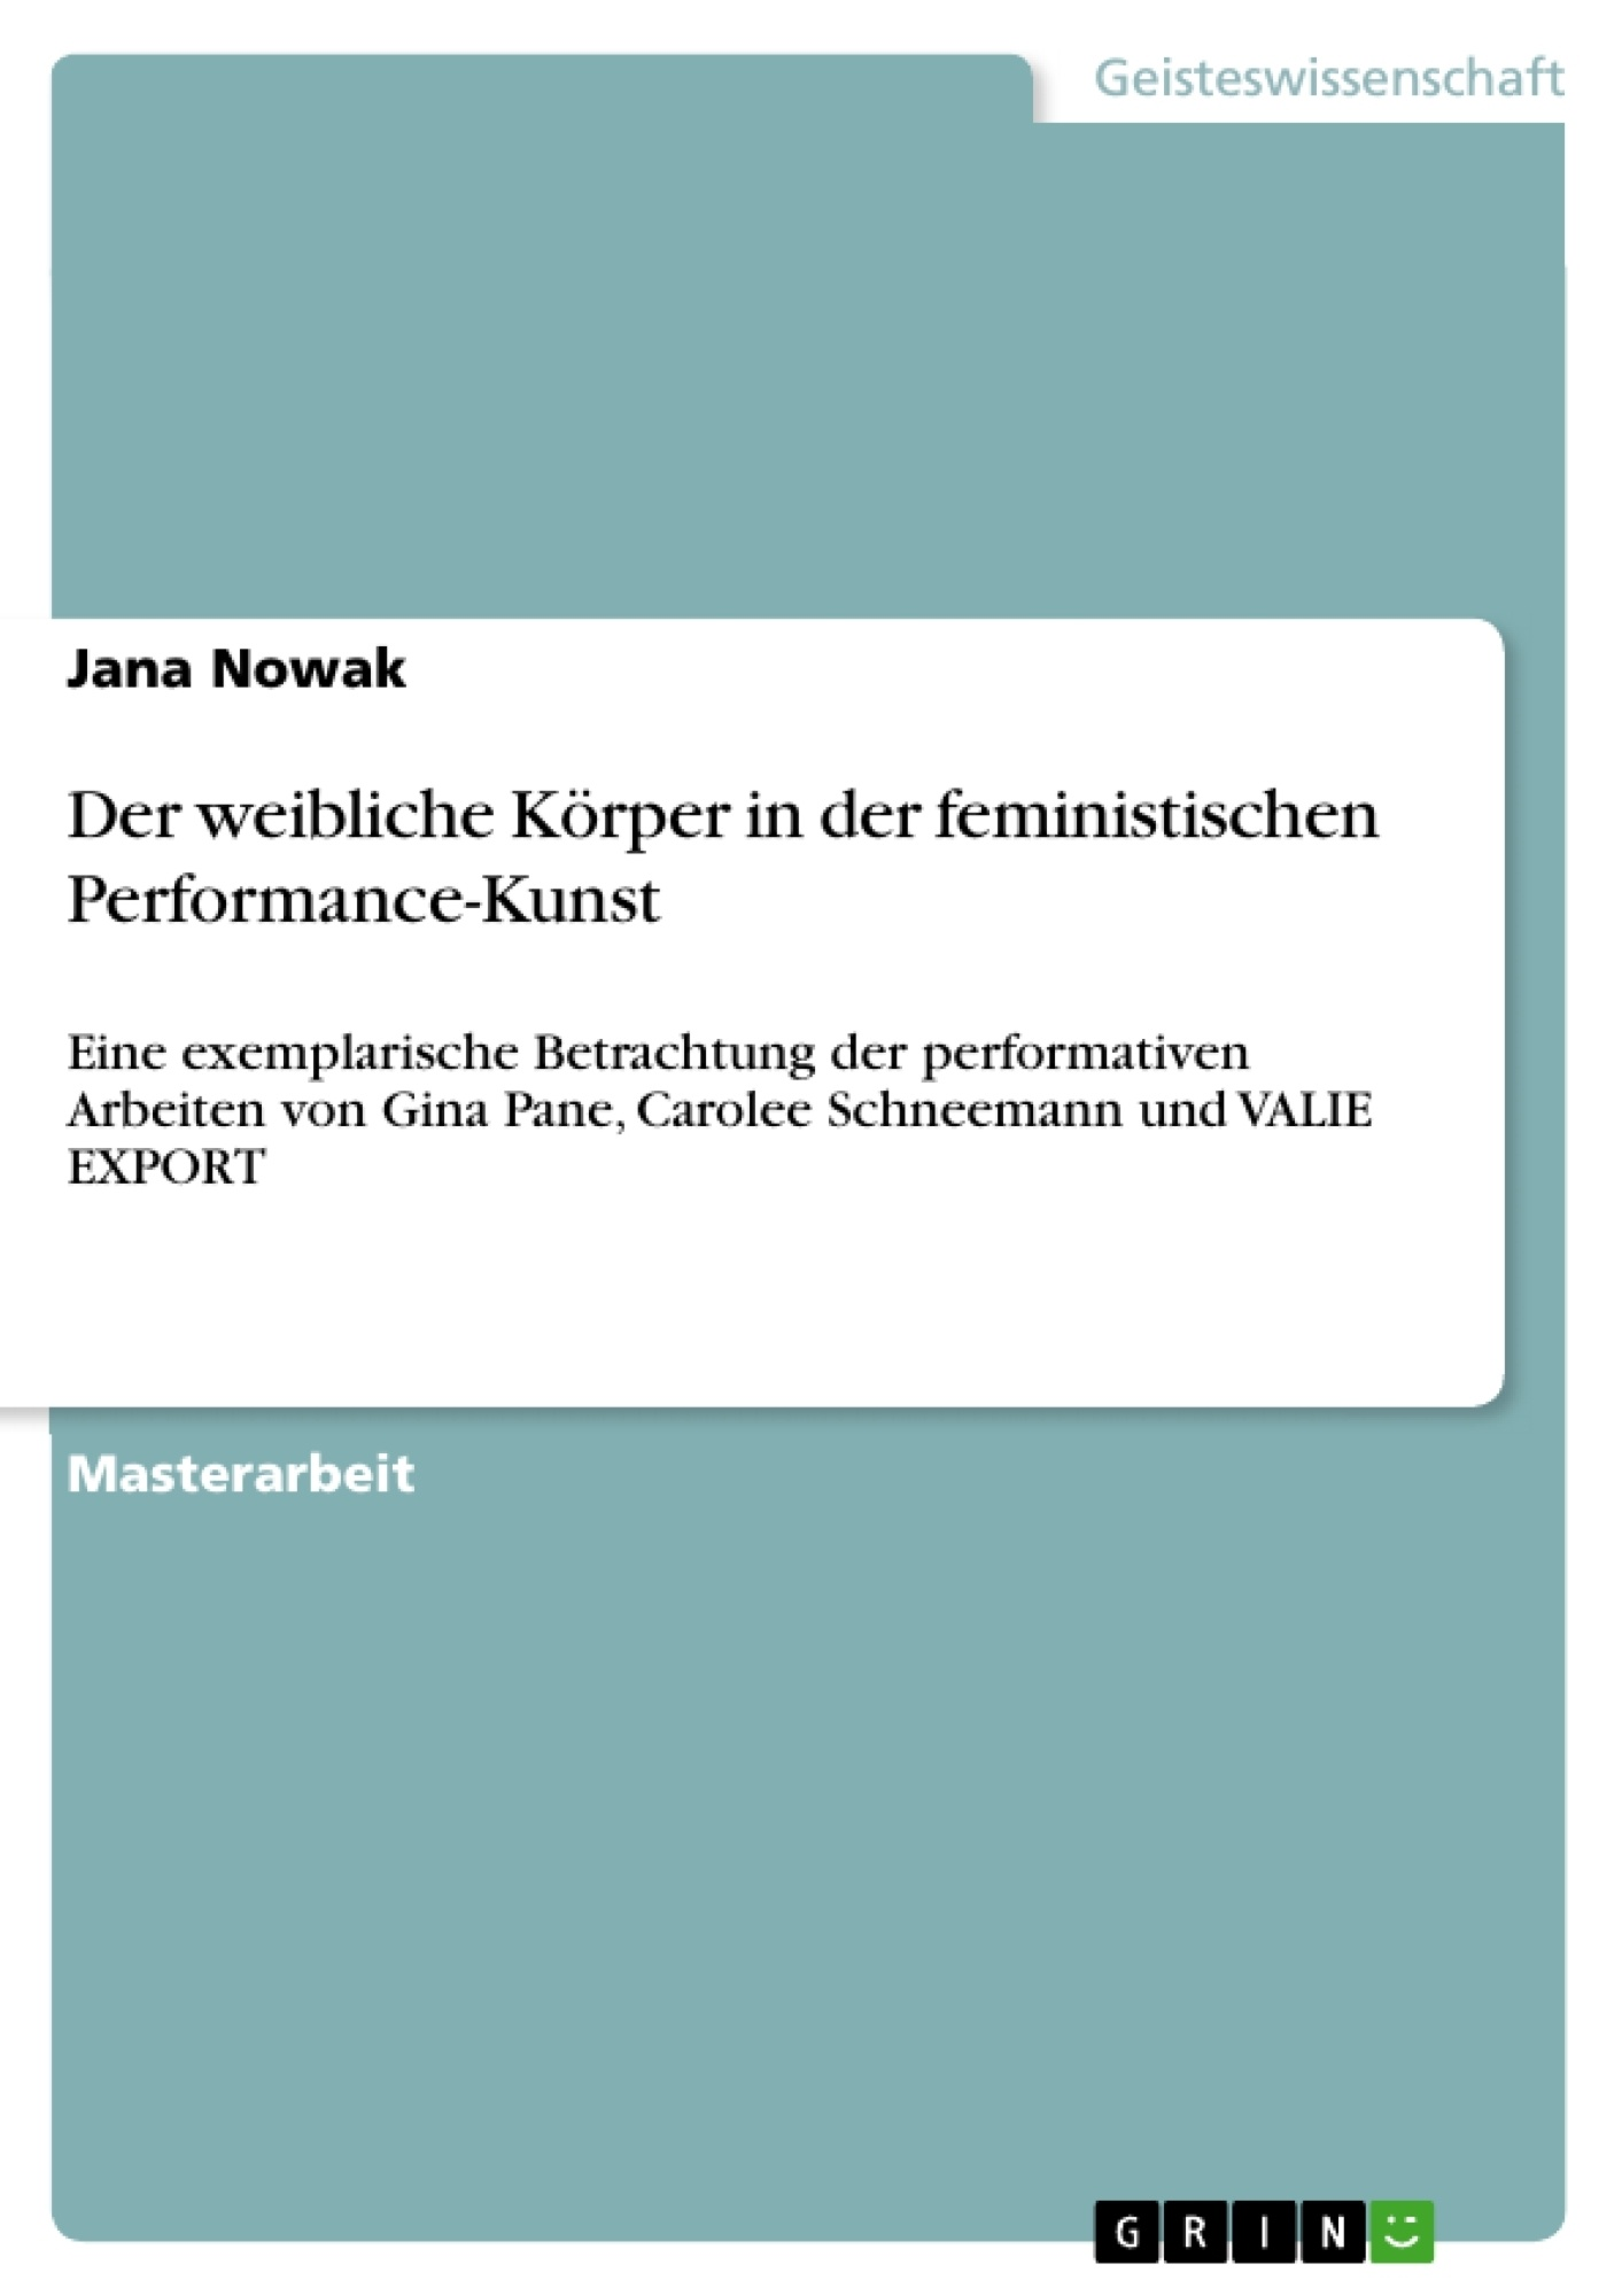 Der weibliche Körper in der feministischen Performance-Kunst ...